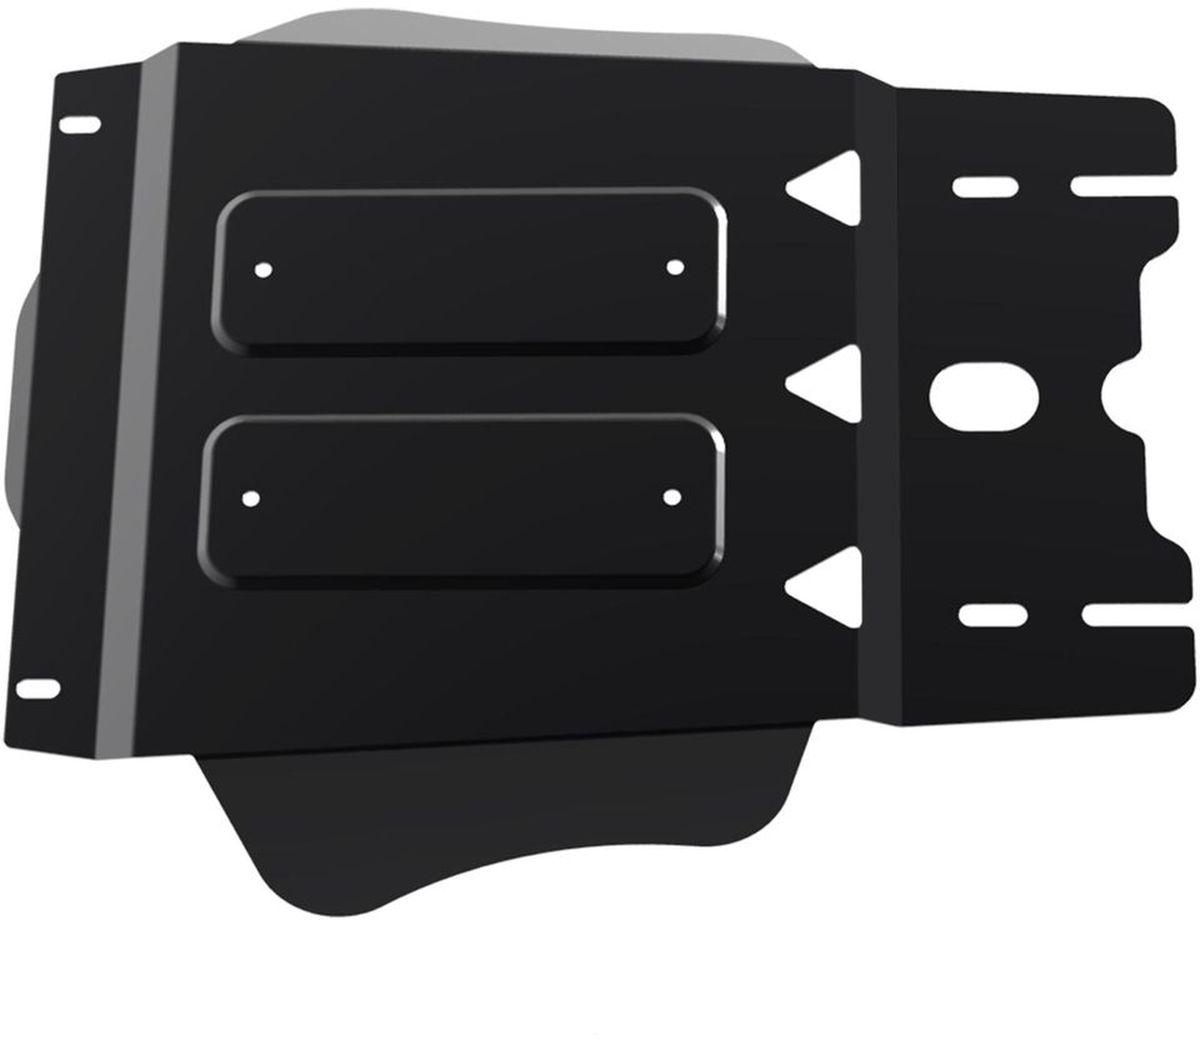 Защита КПП Автоброня Toyota Hilux 2015-, сталь 2 мм111.09503.1Защита КПП Автоброня Toyota Hilux 4WD, V - 2,4; 2,8 2015-, сталь 2 мм, комплект крепежа, 111.09503.1Стальные защиты Автоброня надежно защищают ваш автомобиль от повреждений при наезде на бордюры, выступающие канализационные люки, кромки поврежденного асфальта или при ремонте дорог, не говоря уже о загородных дорогах.- Имеют оптимальное соотношение цена-качество.- Спроектированы с учетом особенностей автомобиля, что делает установку удобной.- Защита устанавливается в штатные места кузова автомобиля.- Является надежной защитой для важных элементов на протяжении долгих лет.- Глубокий штамп дополнительно усиливает конструкцию защиты.- Подштамповка в местах крепления защищает крепеж от срезания.- Технологические отверстия там, где они необходимы для смены масла и слива воды, оборудованные заглушками, закрепленными на защите.Толщина стали 2 мм.В комплекте крепеж и инструкция по установке.Уважаемые клиенты!Обращаем ваше внимание на тот факт, что защита имеет форму, соответствующую модели данного автомобиля. Наличие глубокого штампа и лючков для смены фильтров/масла предусмотрено не на всех защитах. Фото служит для визуального восприятия товара.